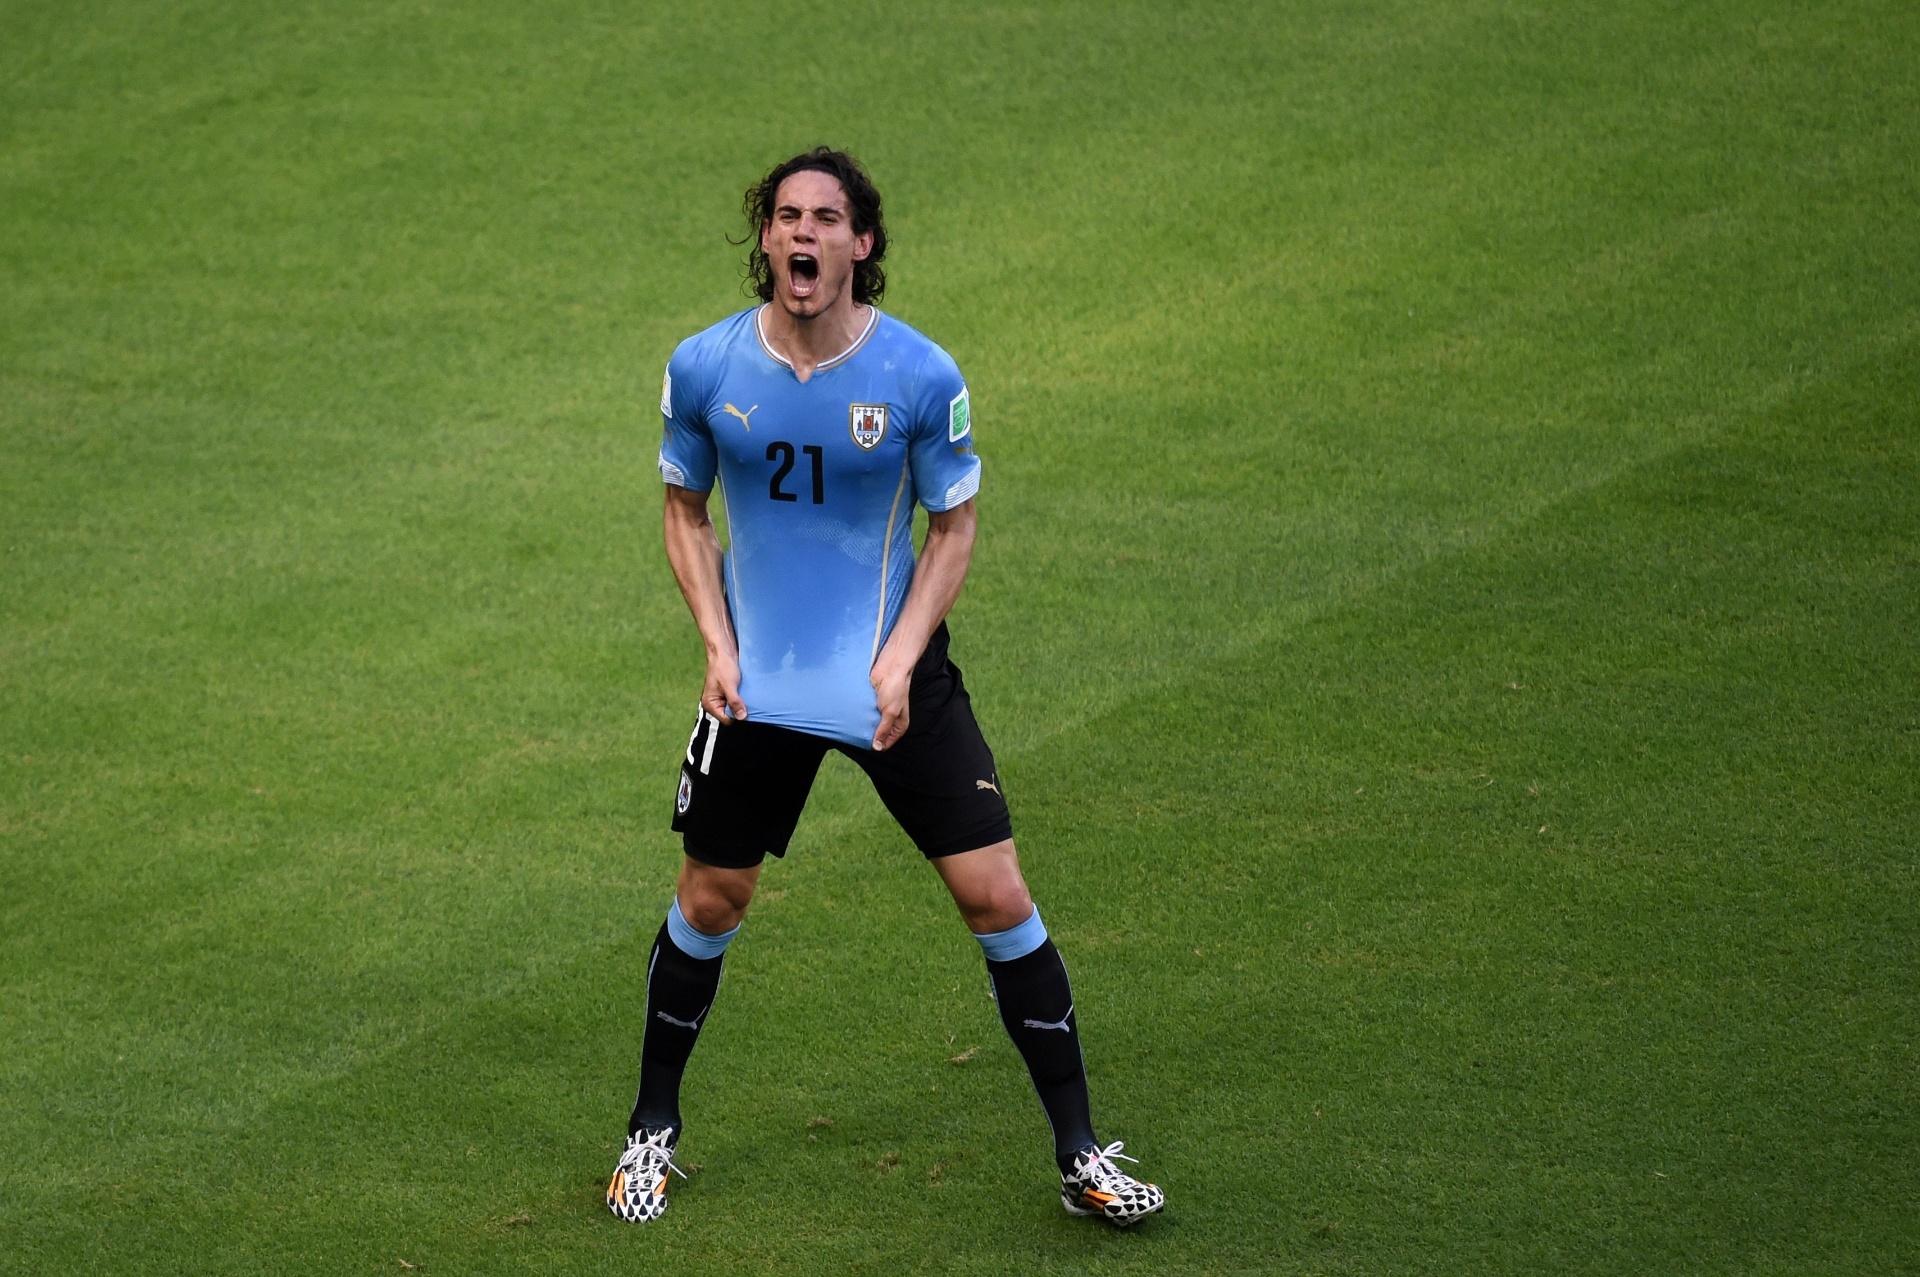 Atacante Cavani mostra a tradicional garra uruguaia após abrir o placar contra Costa Rica